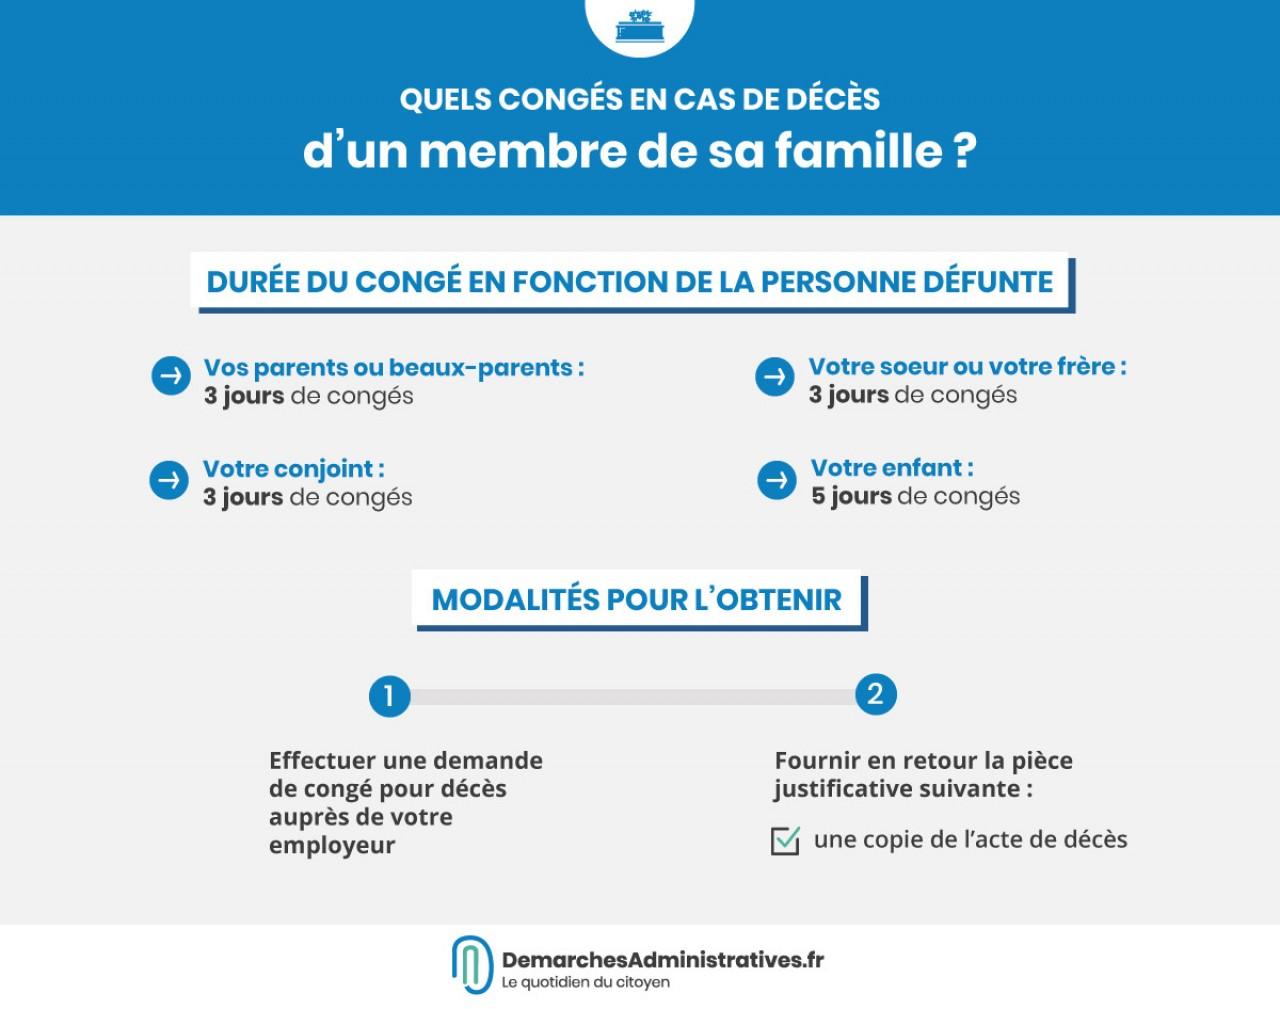 Conge Pour Deces D Un Membre De Sa Famille Demarches Duree Legale